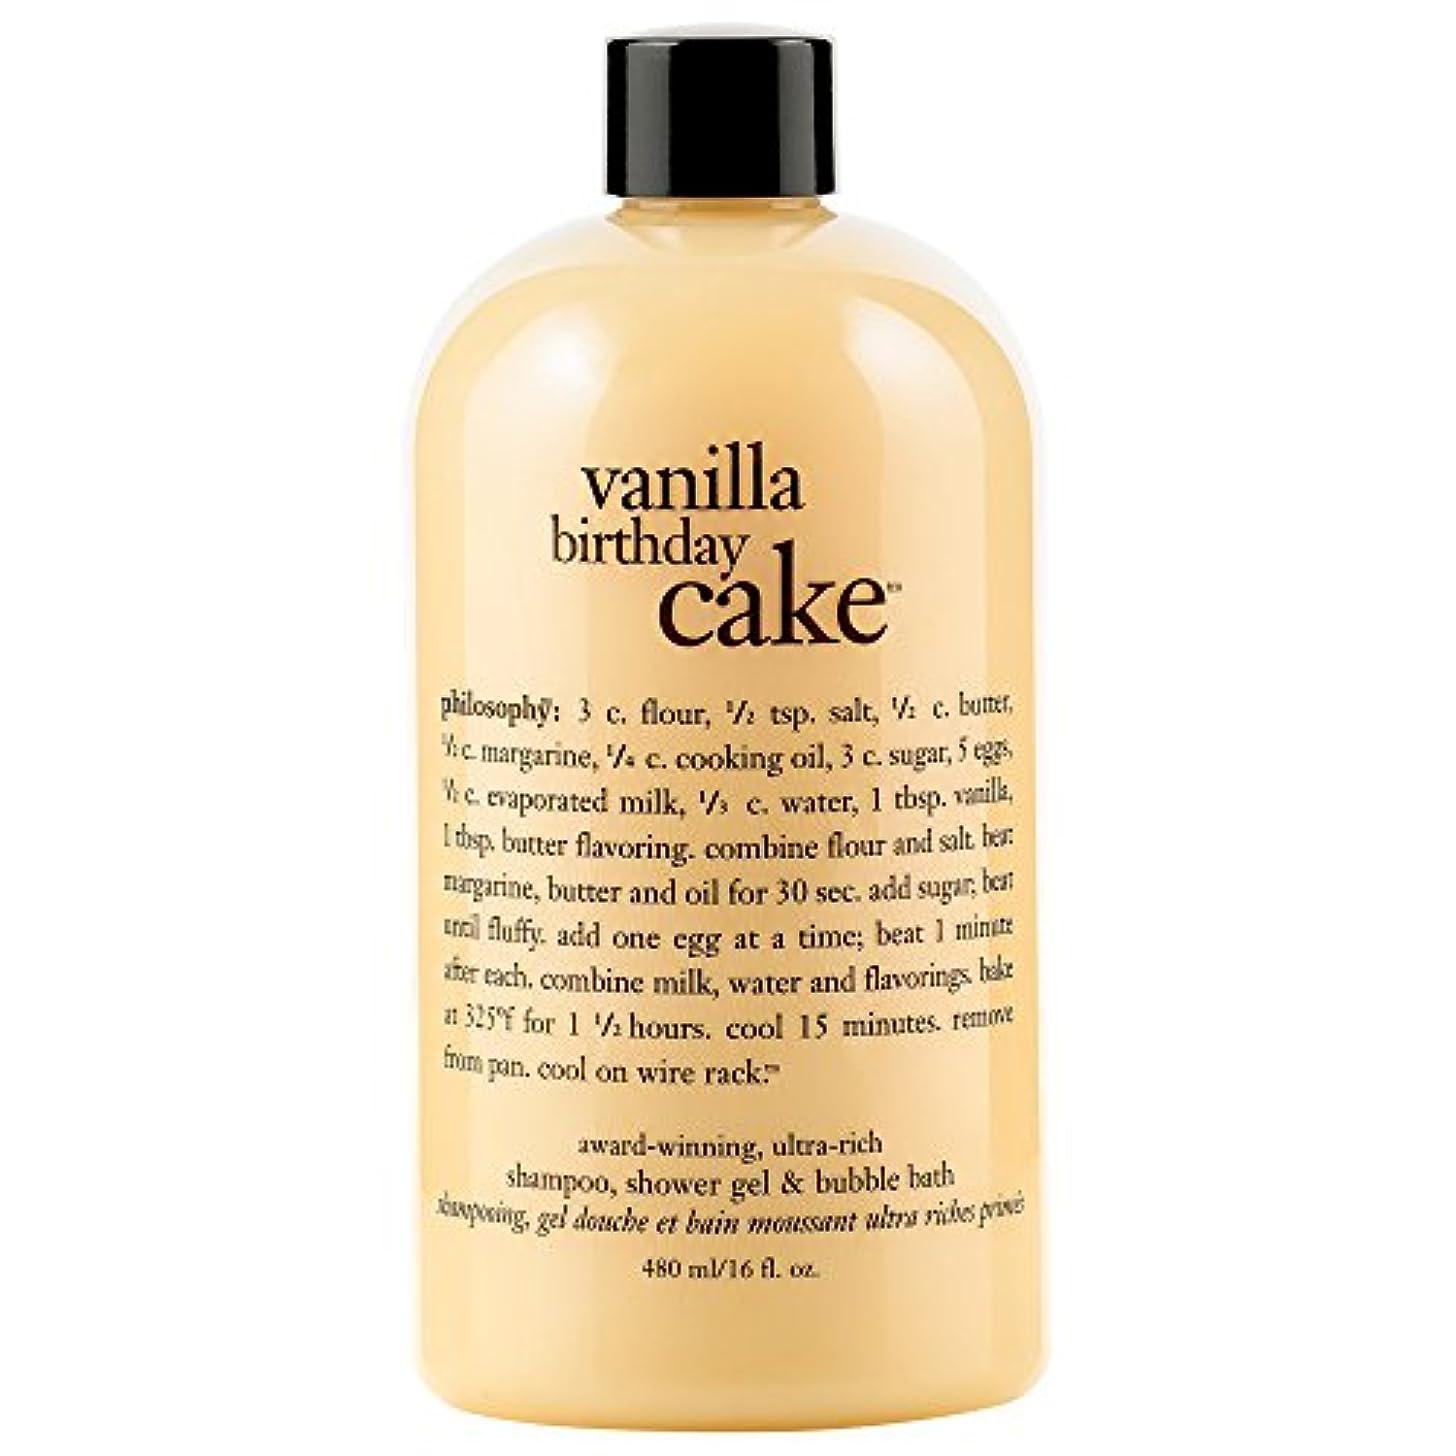 ほこりっぽいスラム街社会主義哲学バニラバースデーケーキシャンプー/シャワージェル/バブルバス480ミリリットル (Philosophy) (x6) - Philosophy Vanilla Birthday Cake Shampoo/Shower...